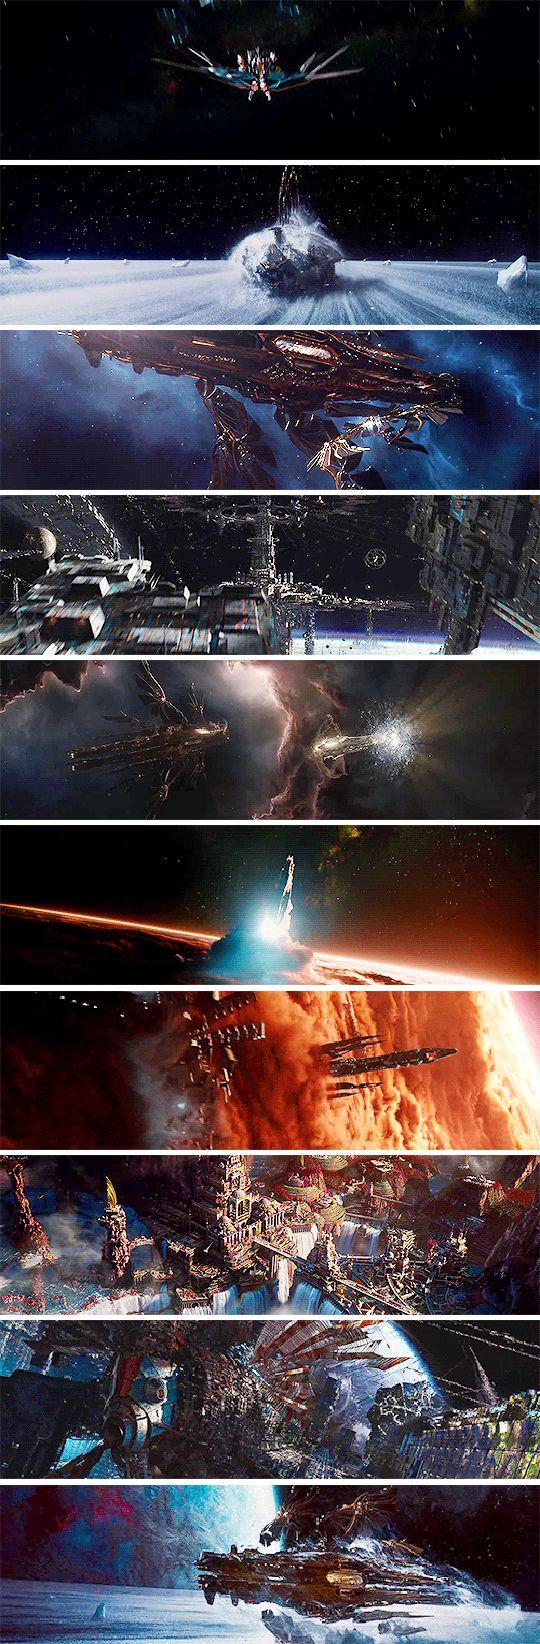 Jupiter Ascending Cinematography 1/3: Space